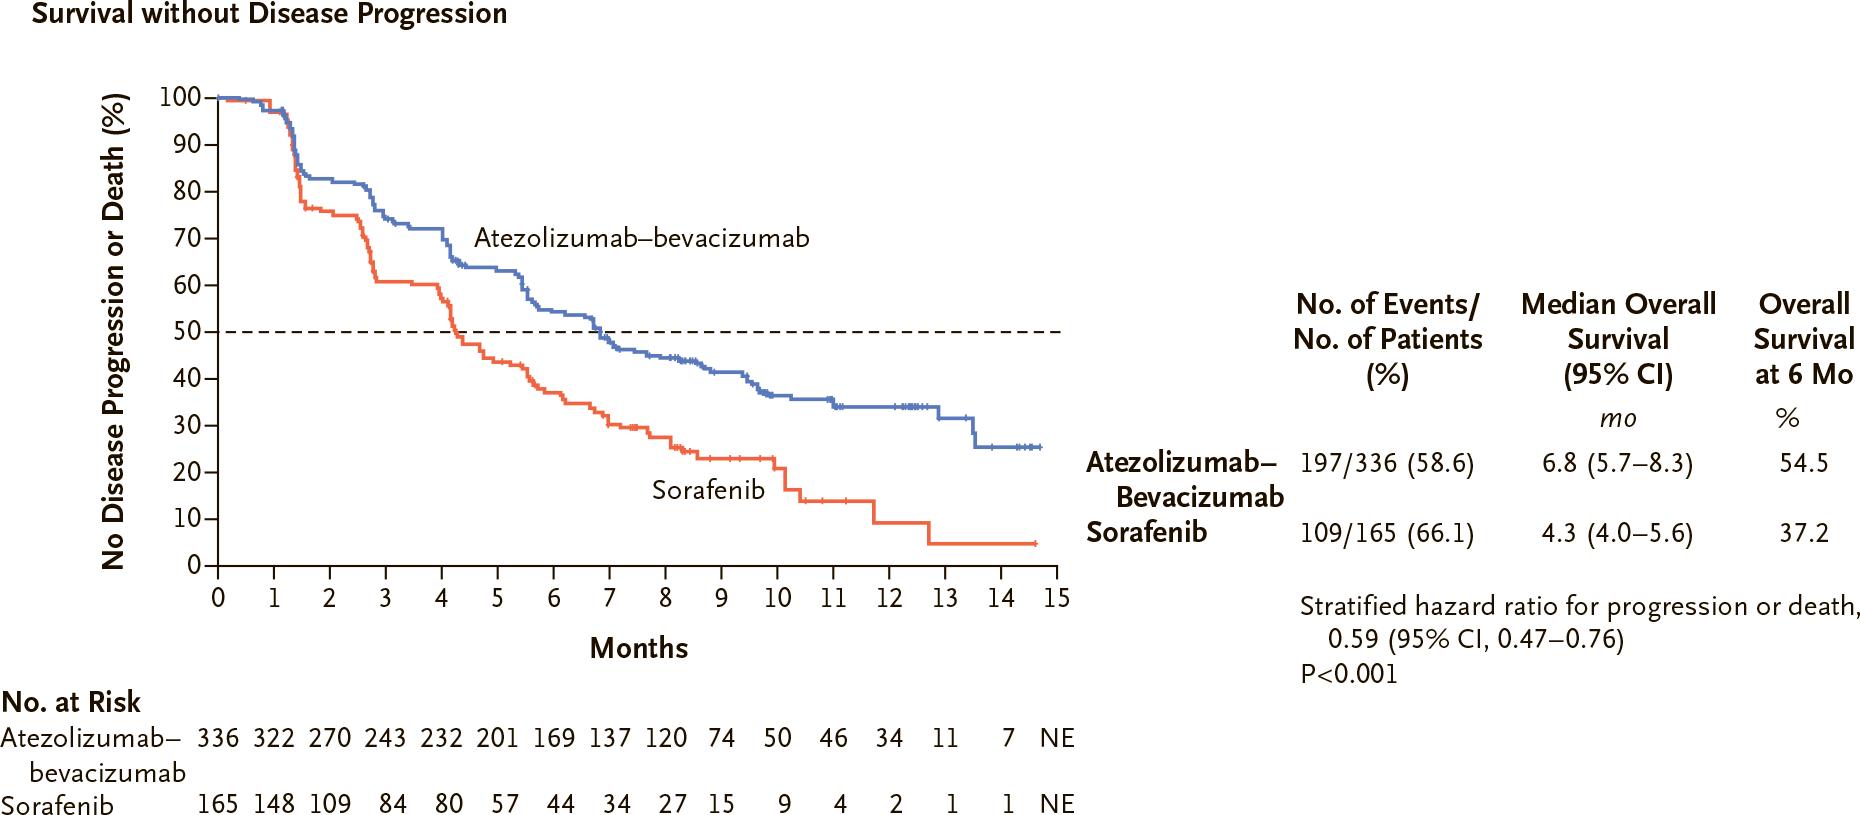 nct03434379 results 02 - «Тецентрик» плюс «Авастин»: иммуноонкологическое лечение гепатоцеллюлярной карциномы